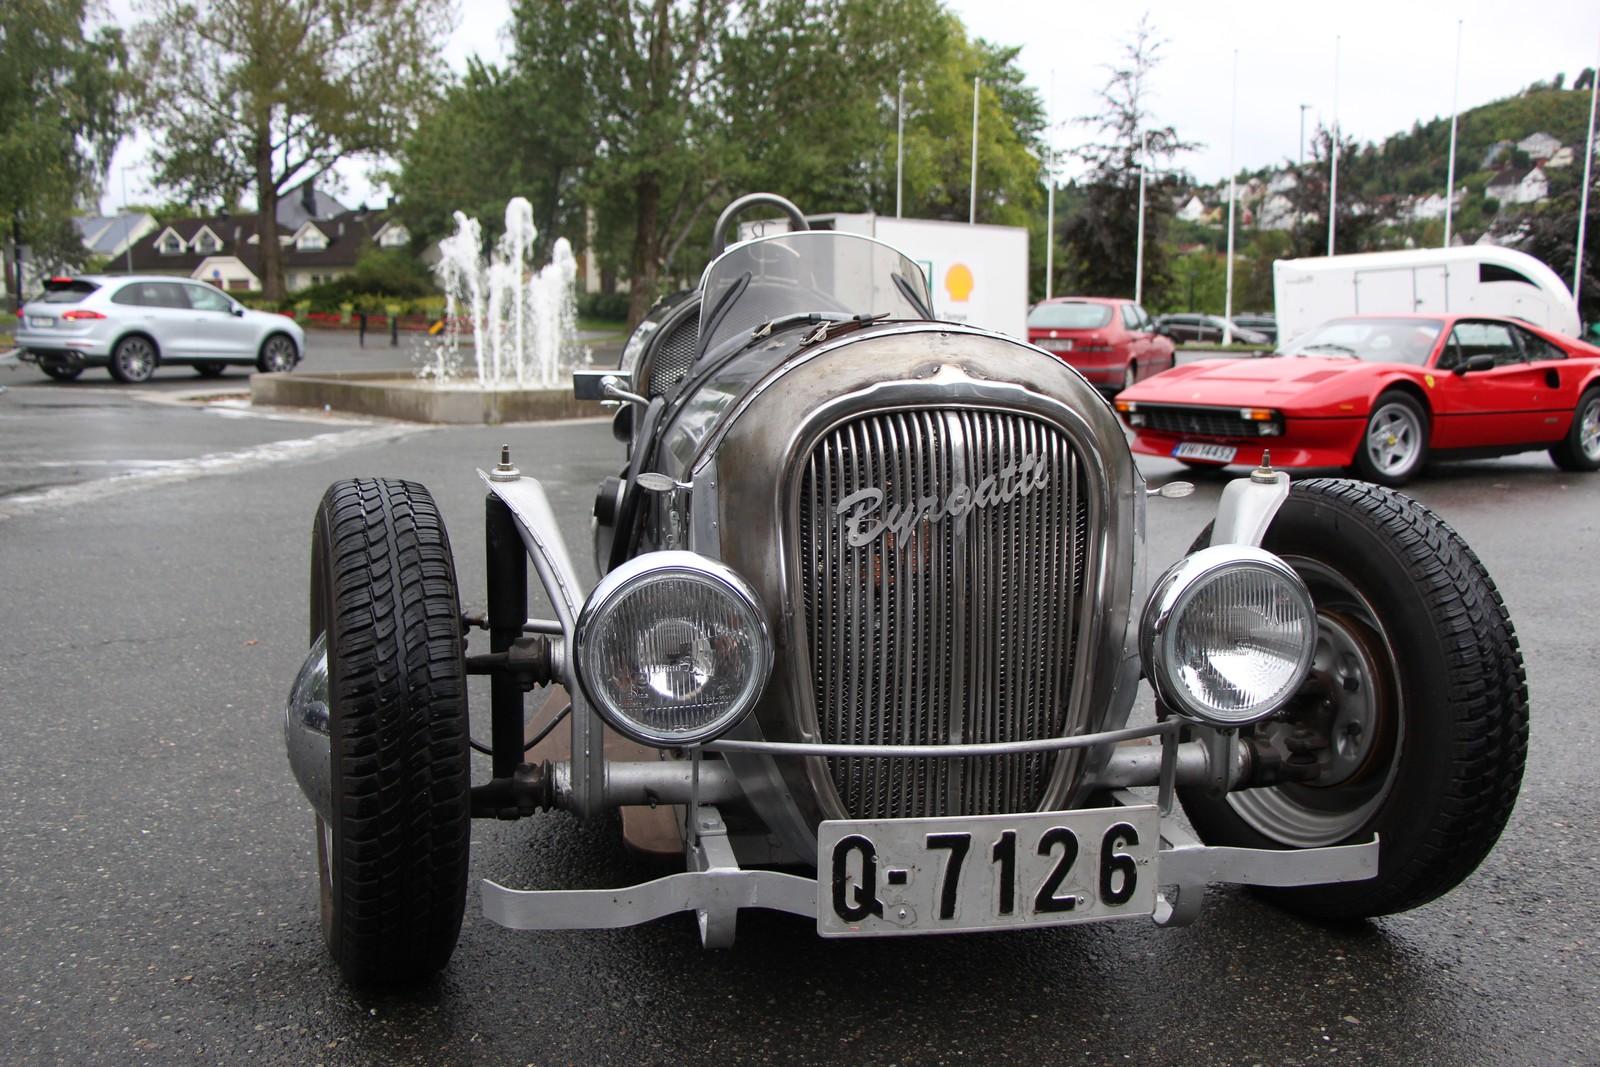 Byrge Aspaas' har oppkalt bilen sin etter seg selv: Byrgatti.